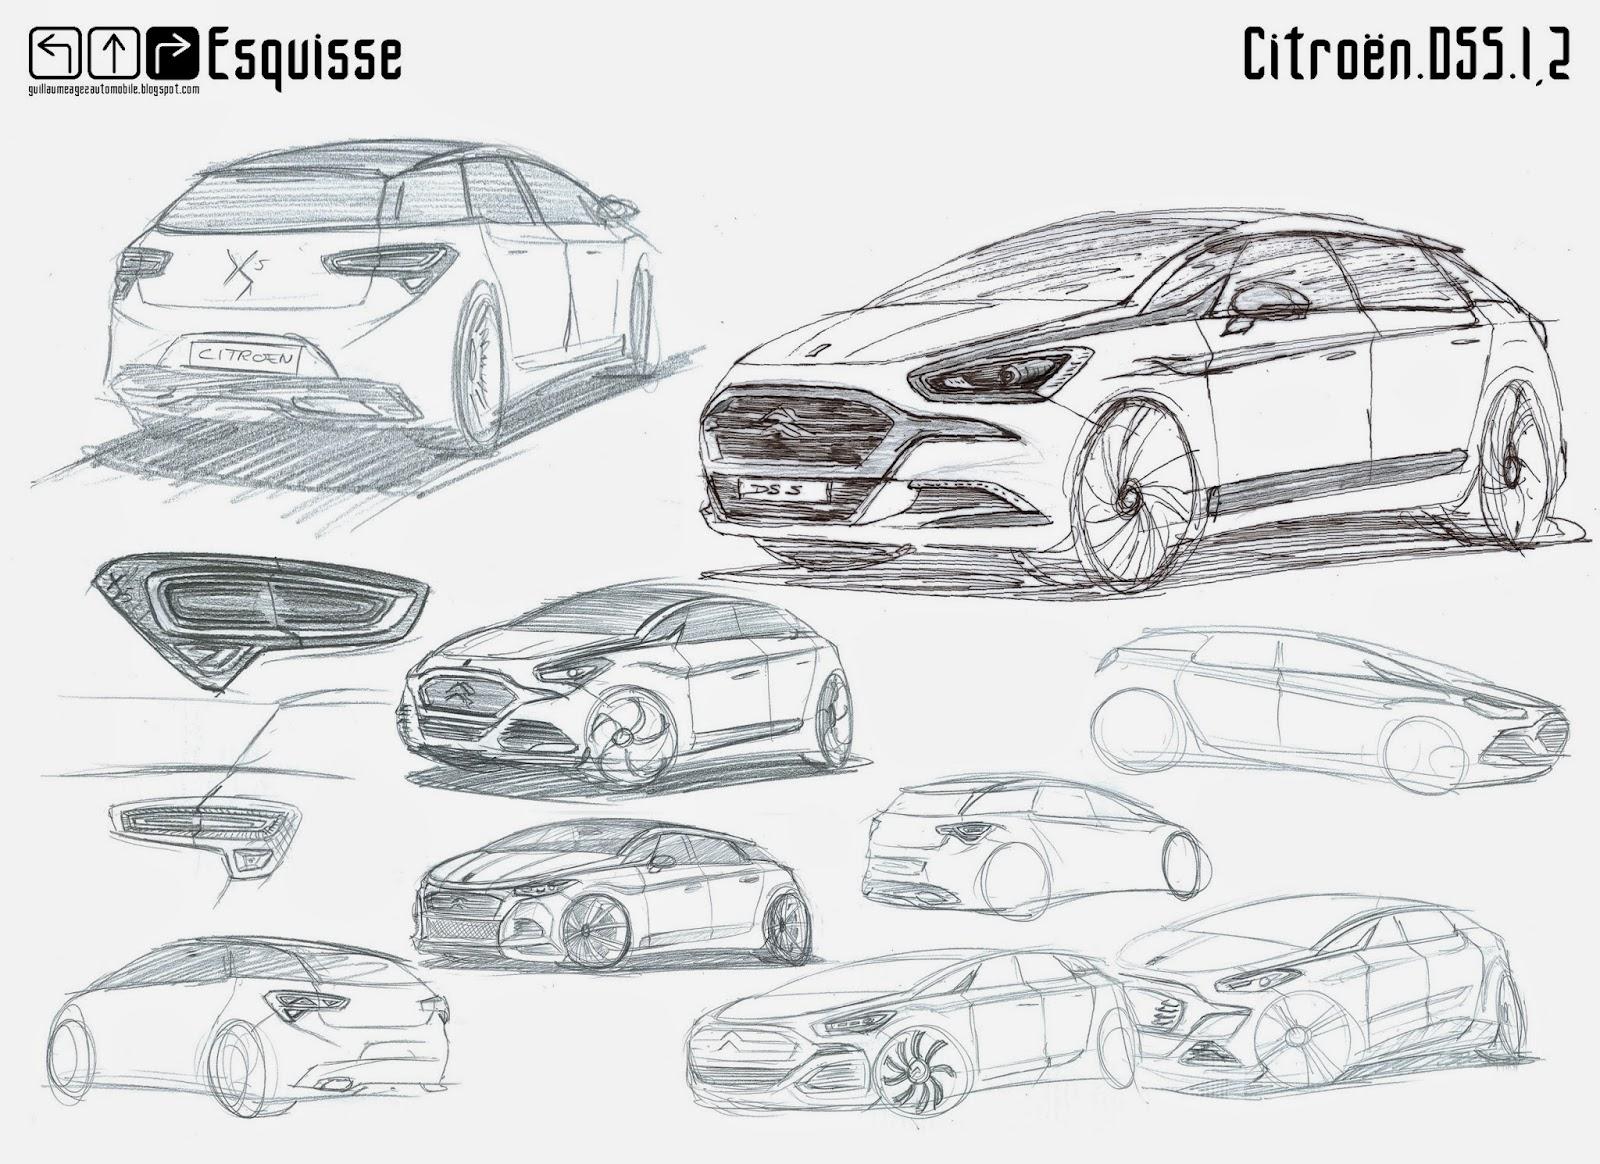 Guillaume AGEZ Automobile: Esquisse : Citroën DS5 I phase 2